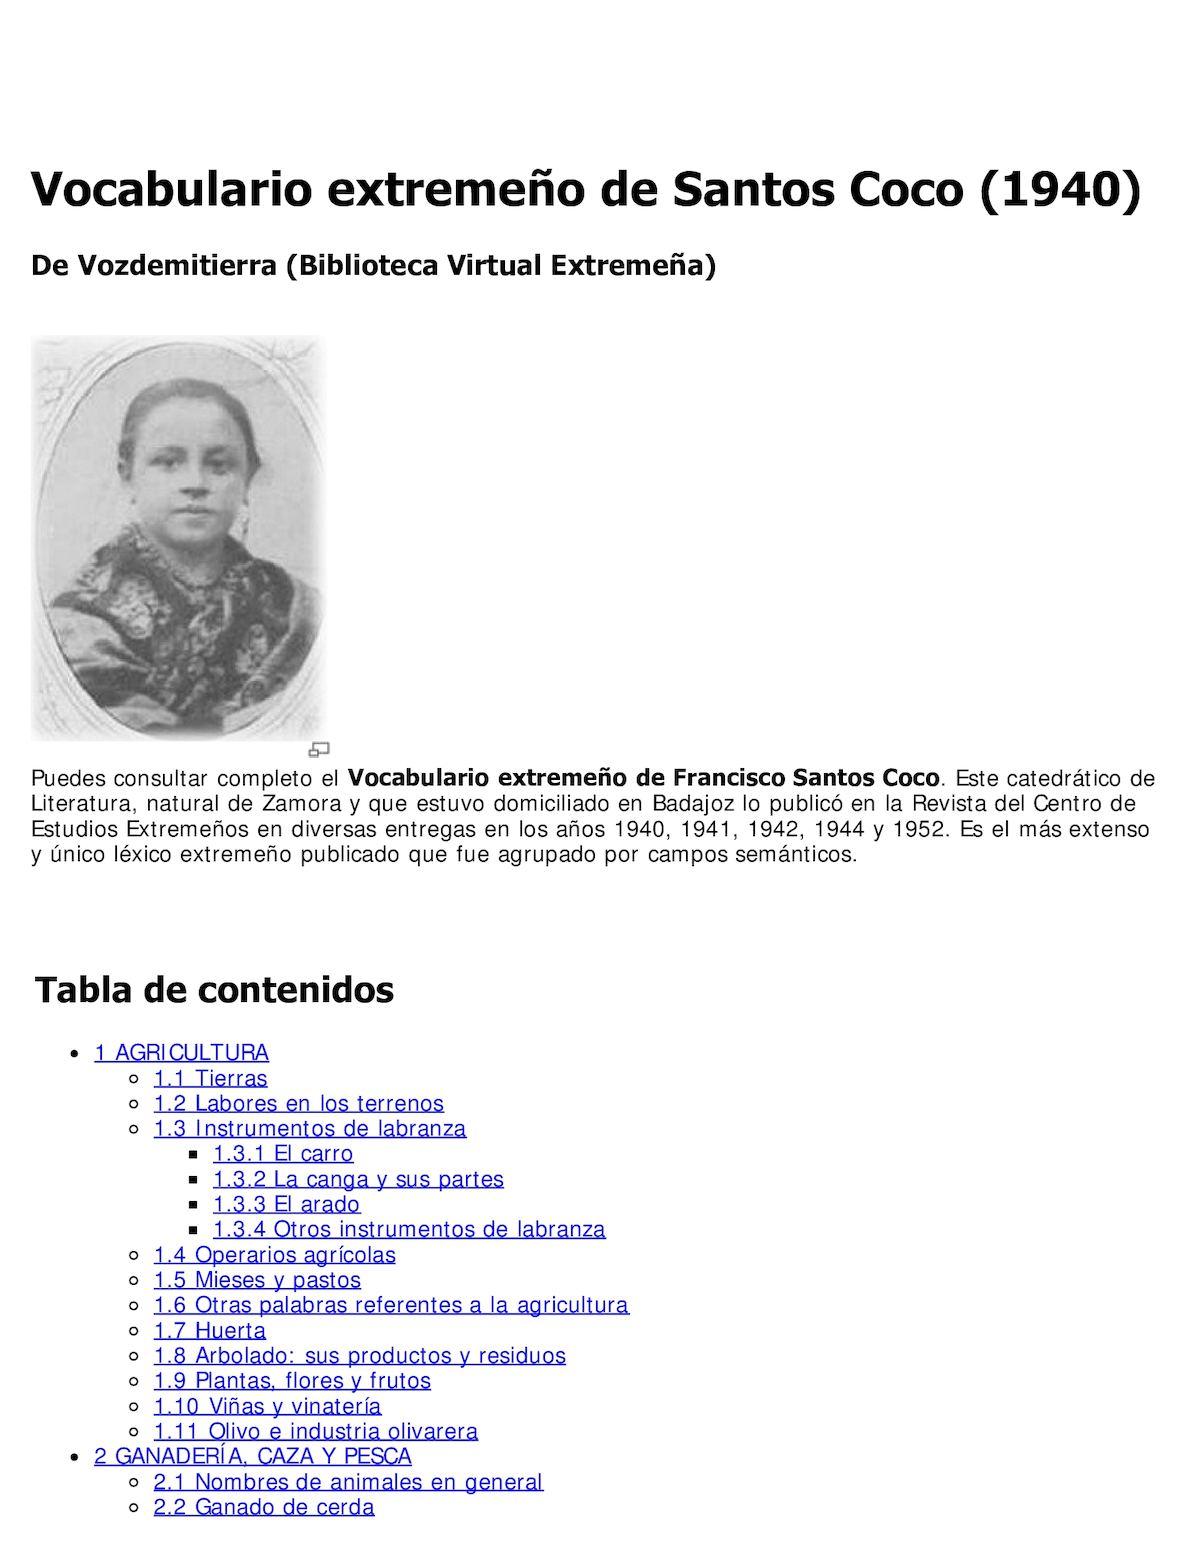 Calaméo - Vocabulario extremeño de Santos Coco (1940)